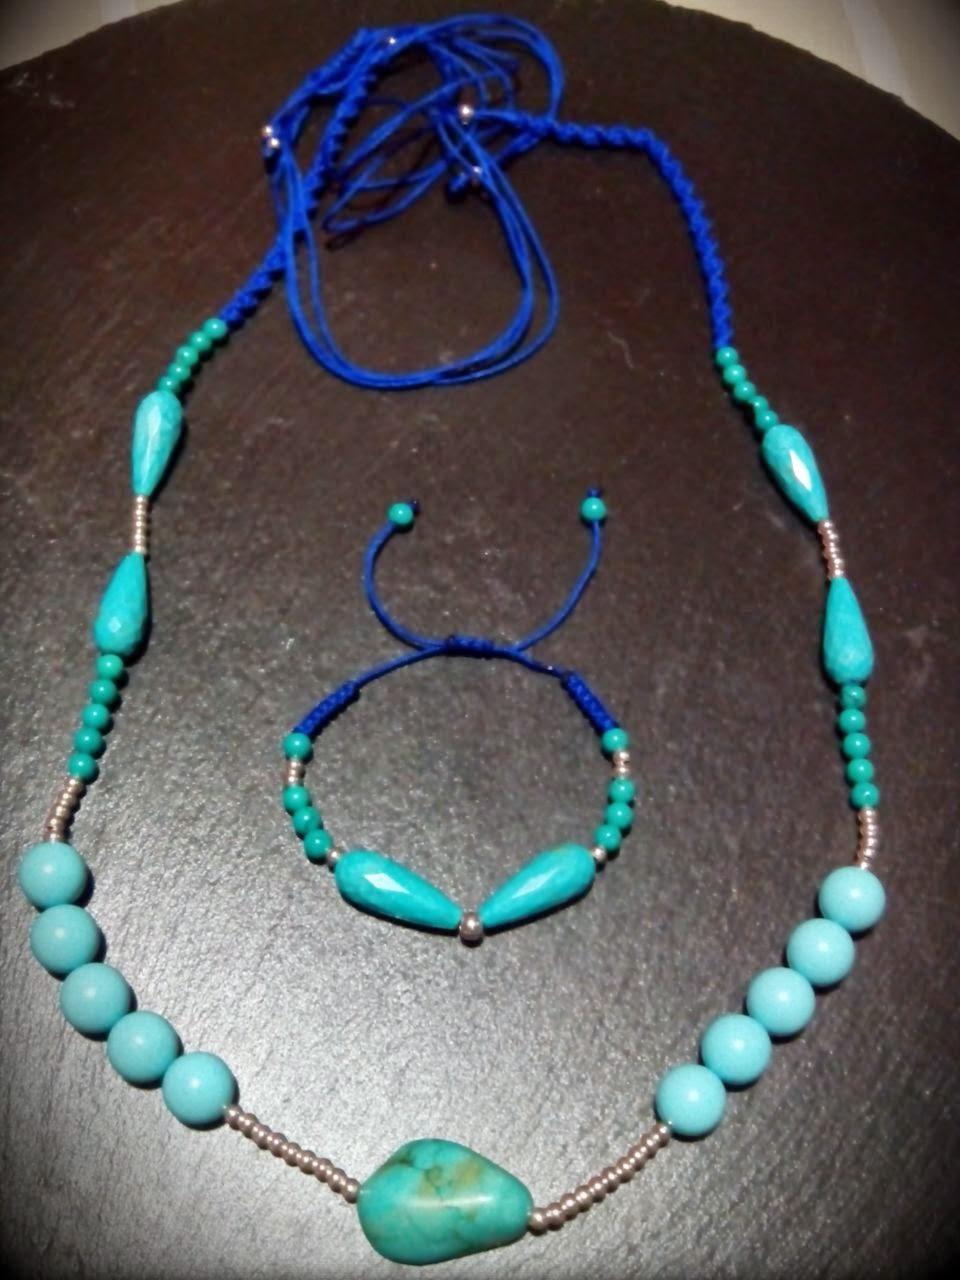 Pulsera y collar plata turquesa y howlita artesanal personalizada. Joyería